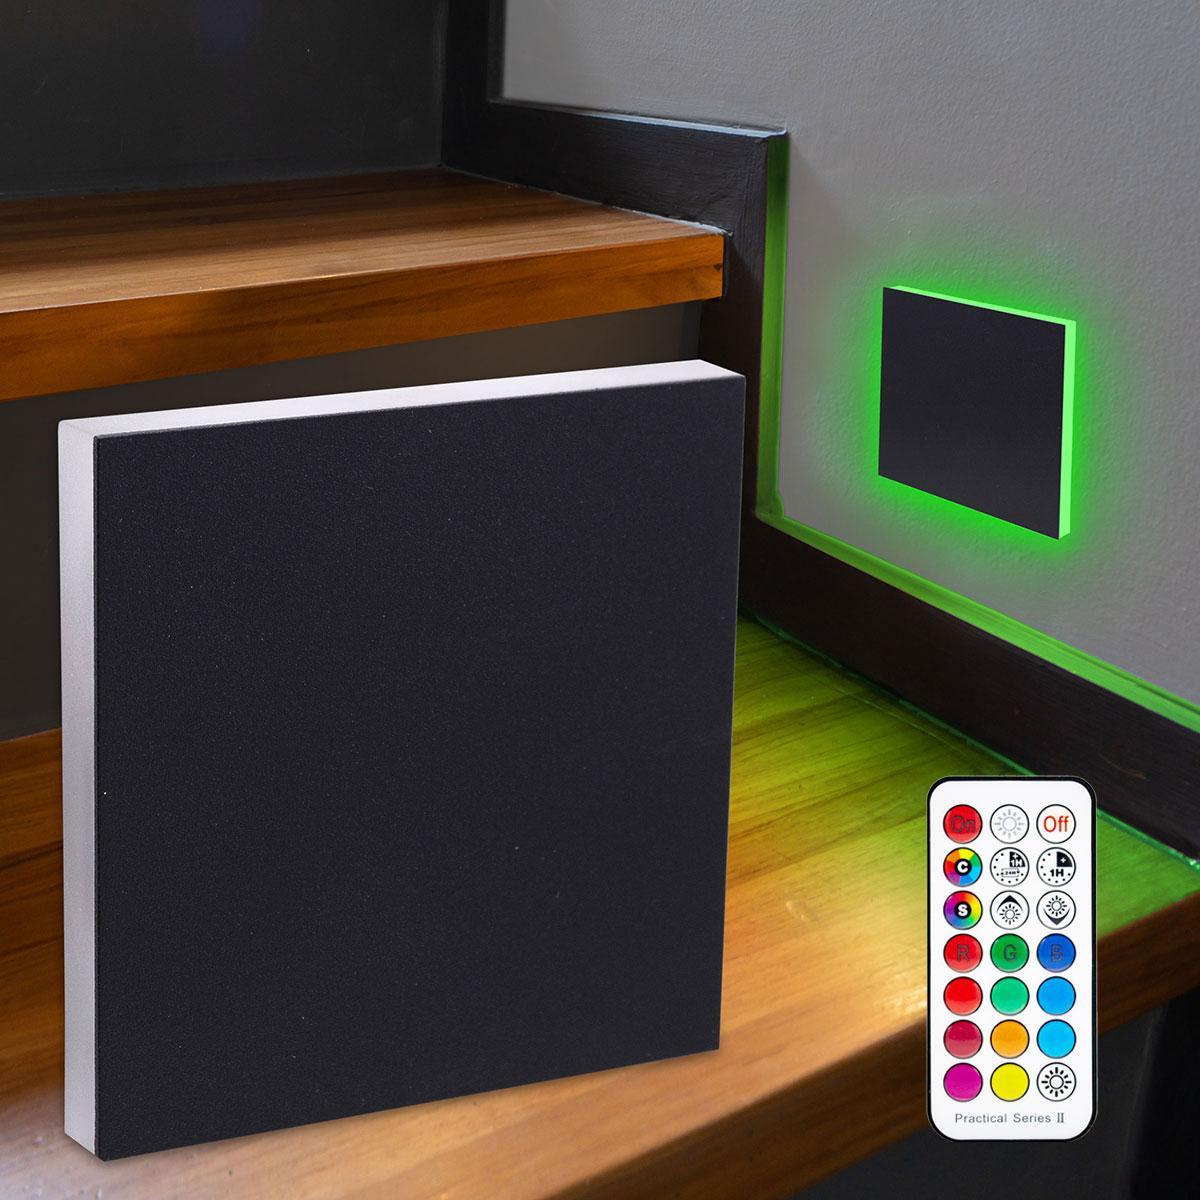 LED Treppenbeleuchtung Wandeinbauleuchte RGB+Warmweiß 230V 3W schwarz Lichtaustritt seitlich